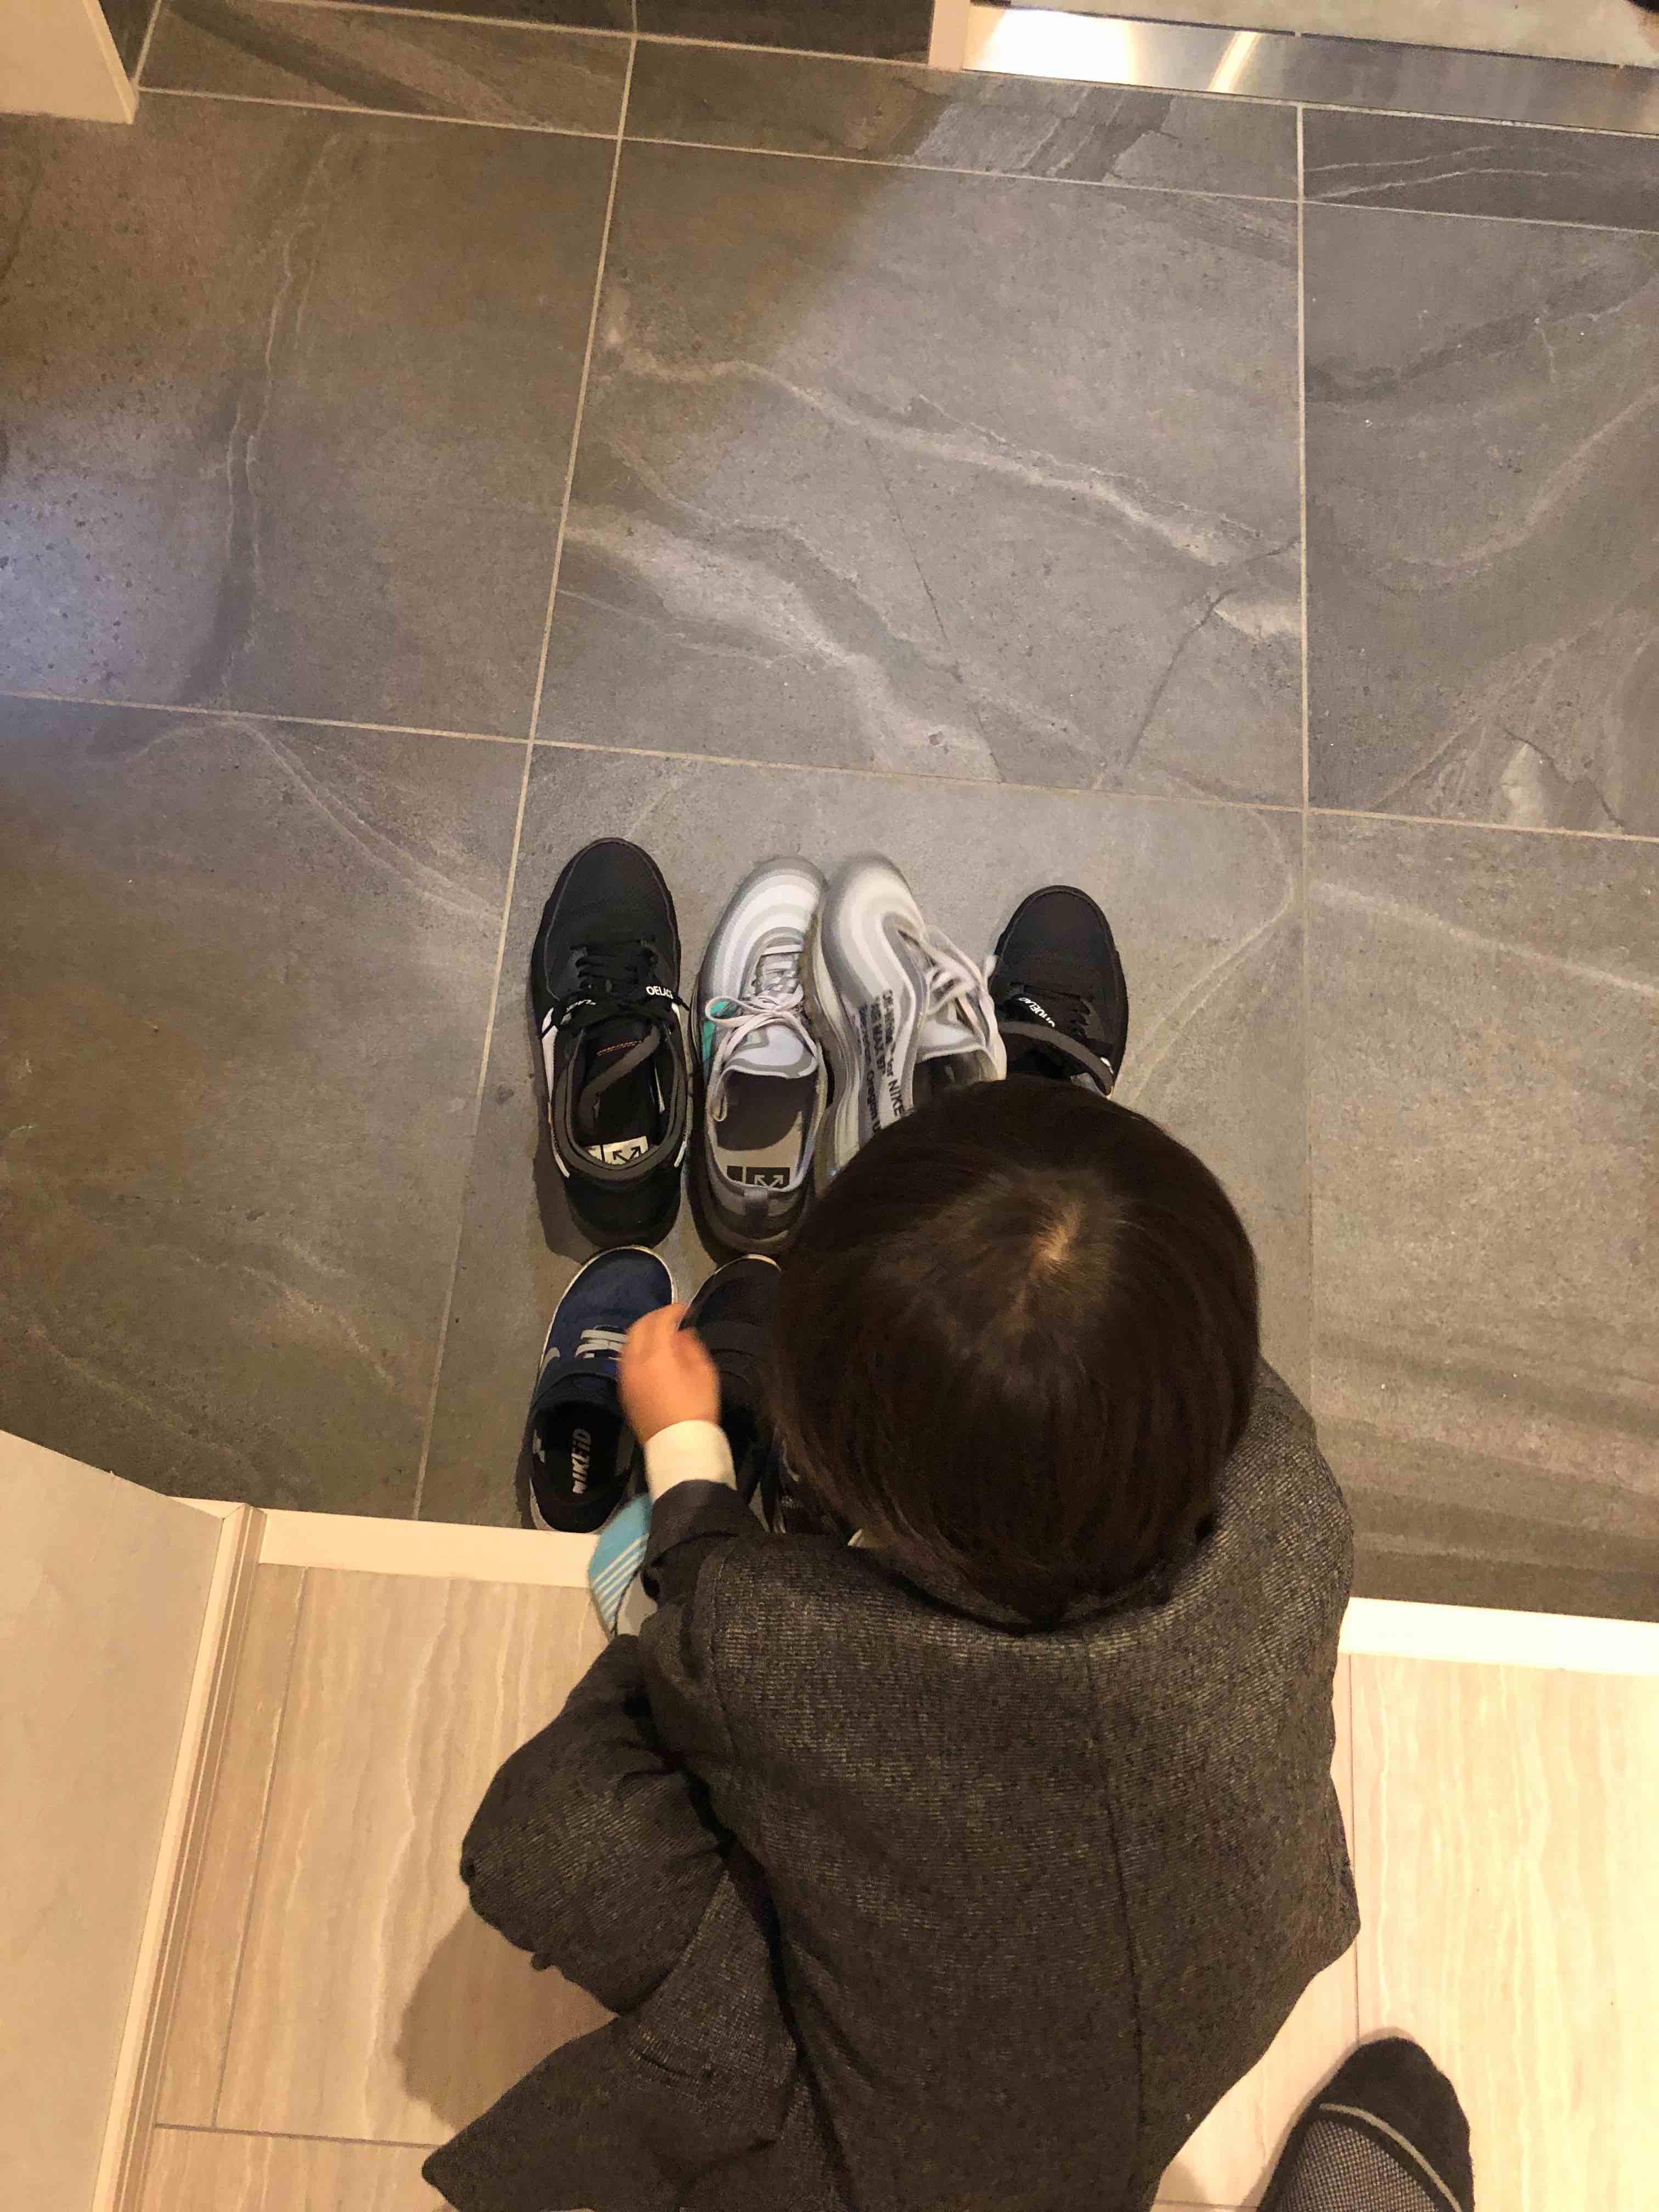 息子の指示に従って履き替え… 並び替え… これから、ディナーにお出かけです。